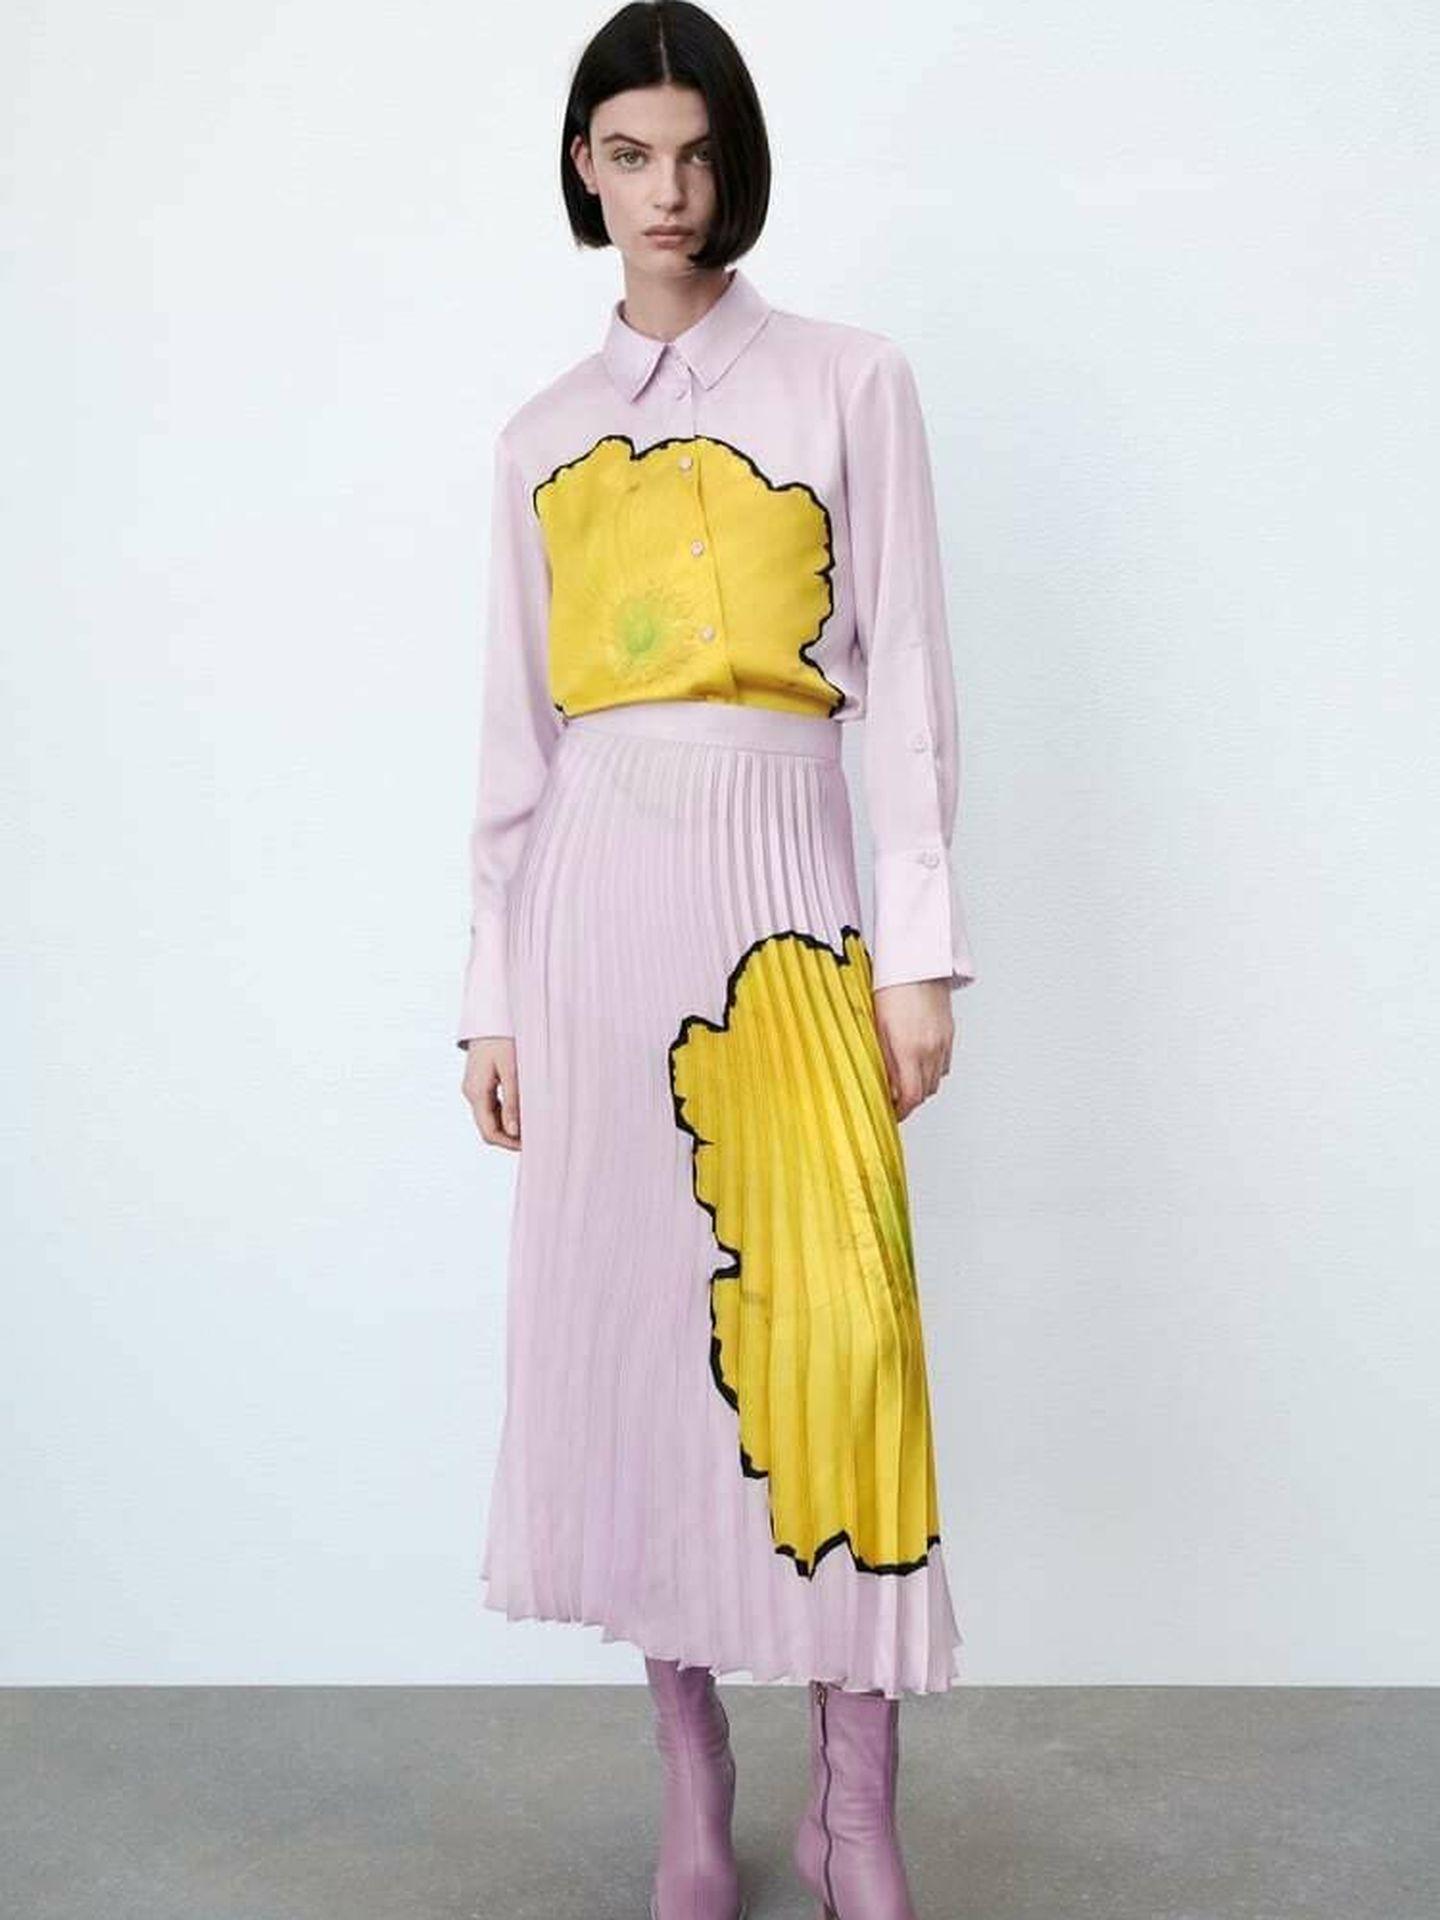 La nueva falda de Zara. (Cortesía)